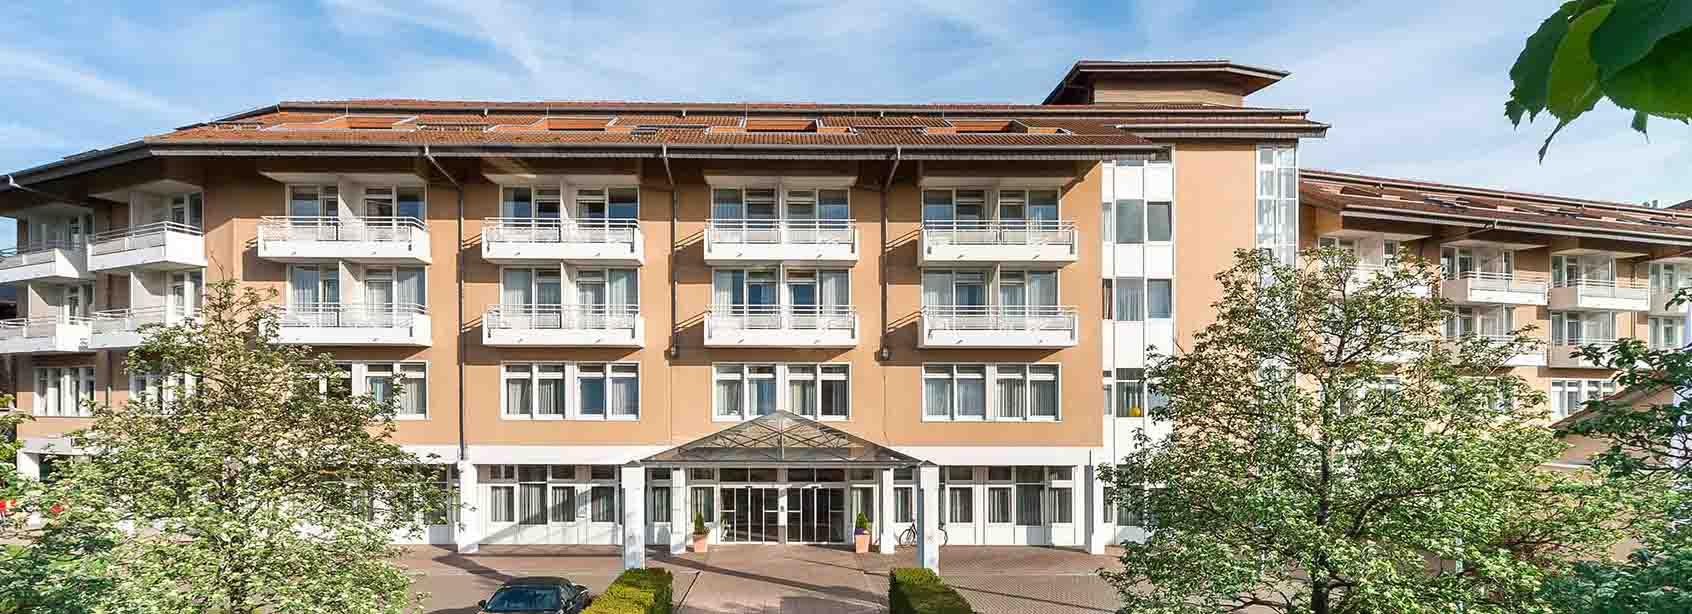 Eingangsbereich der MEDIAN Park-Klink Bad Dürkheim